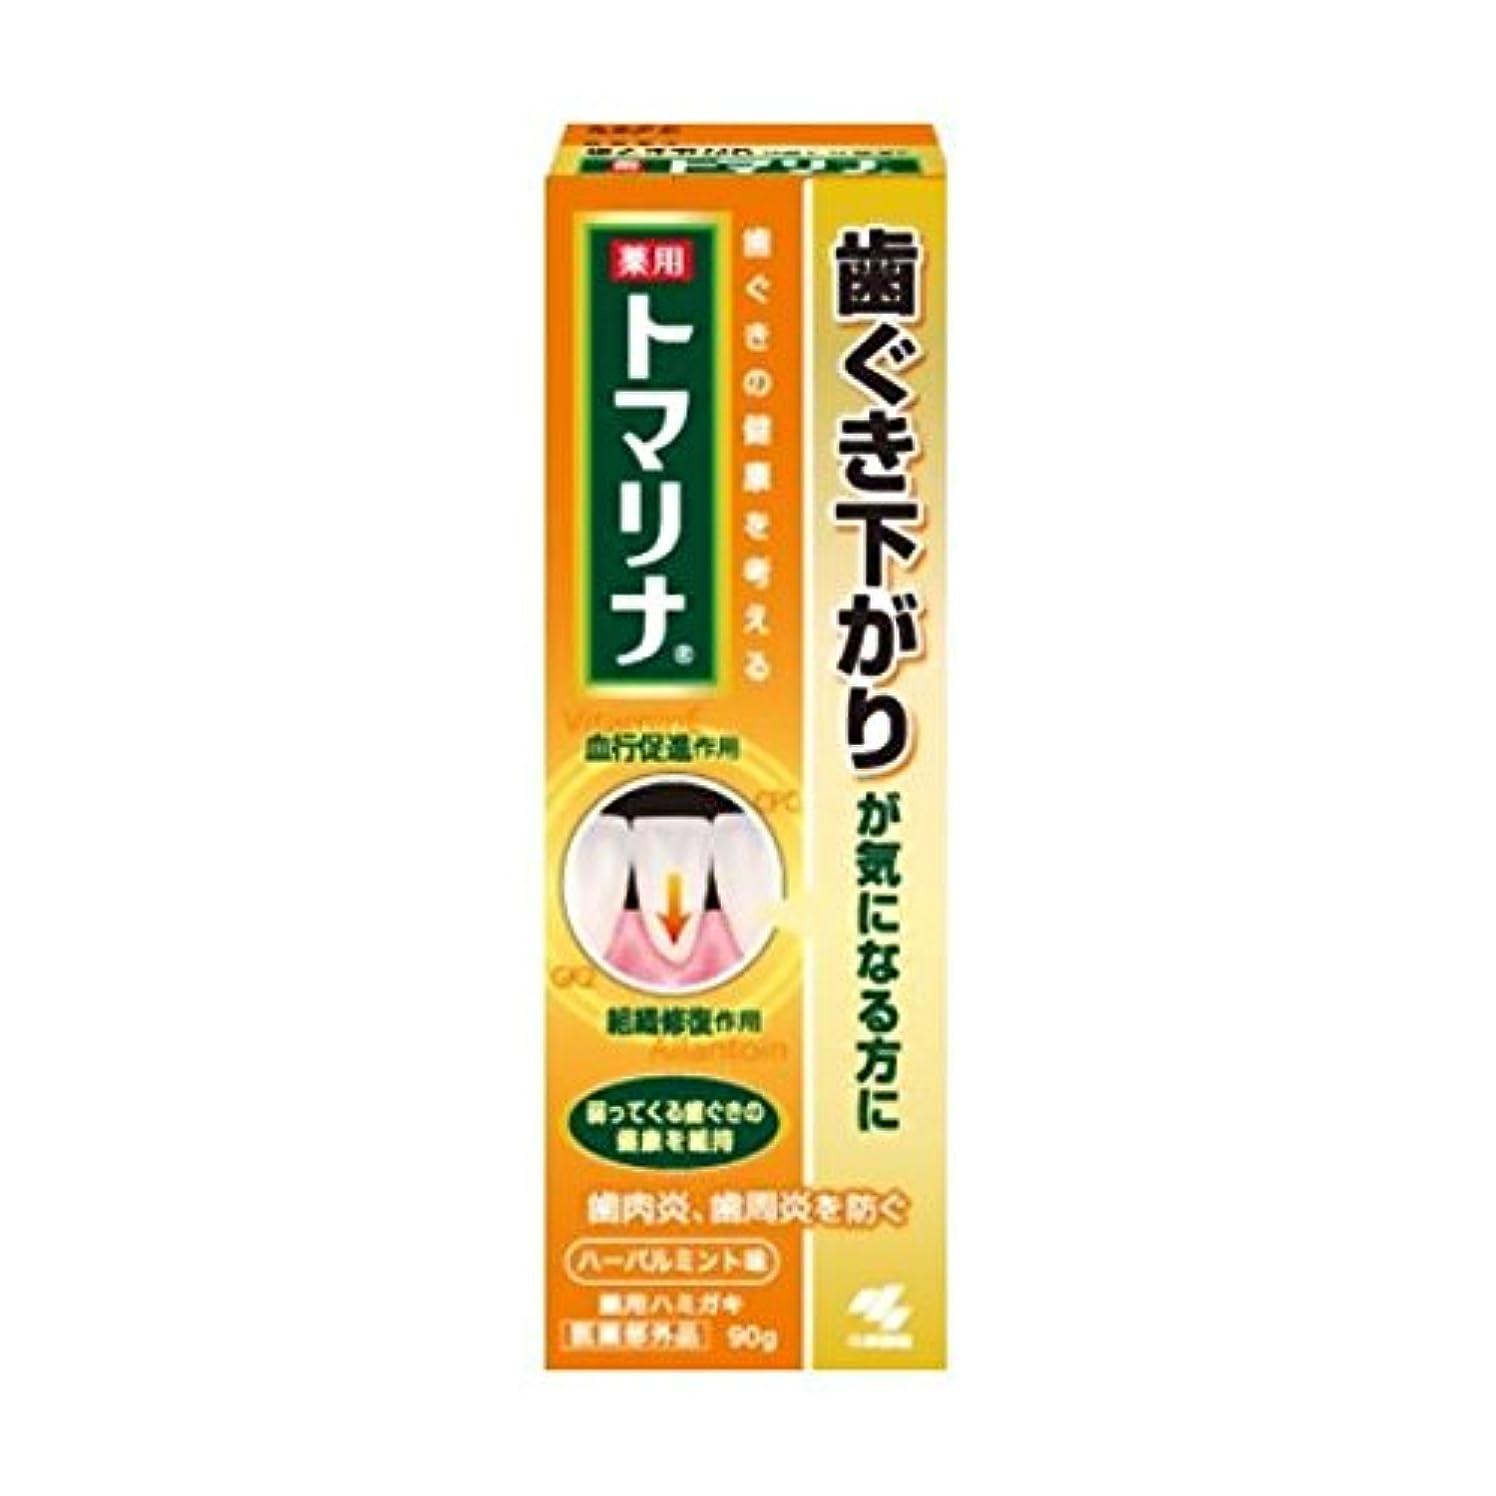 優先権全部腹【お徳用 4 セット】 薬用トマリナ 90g×4セット